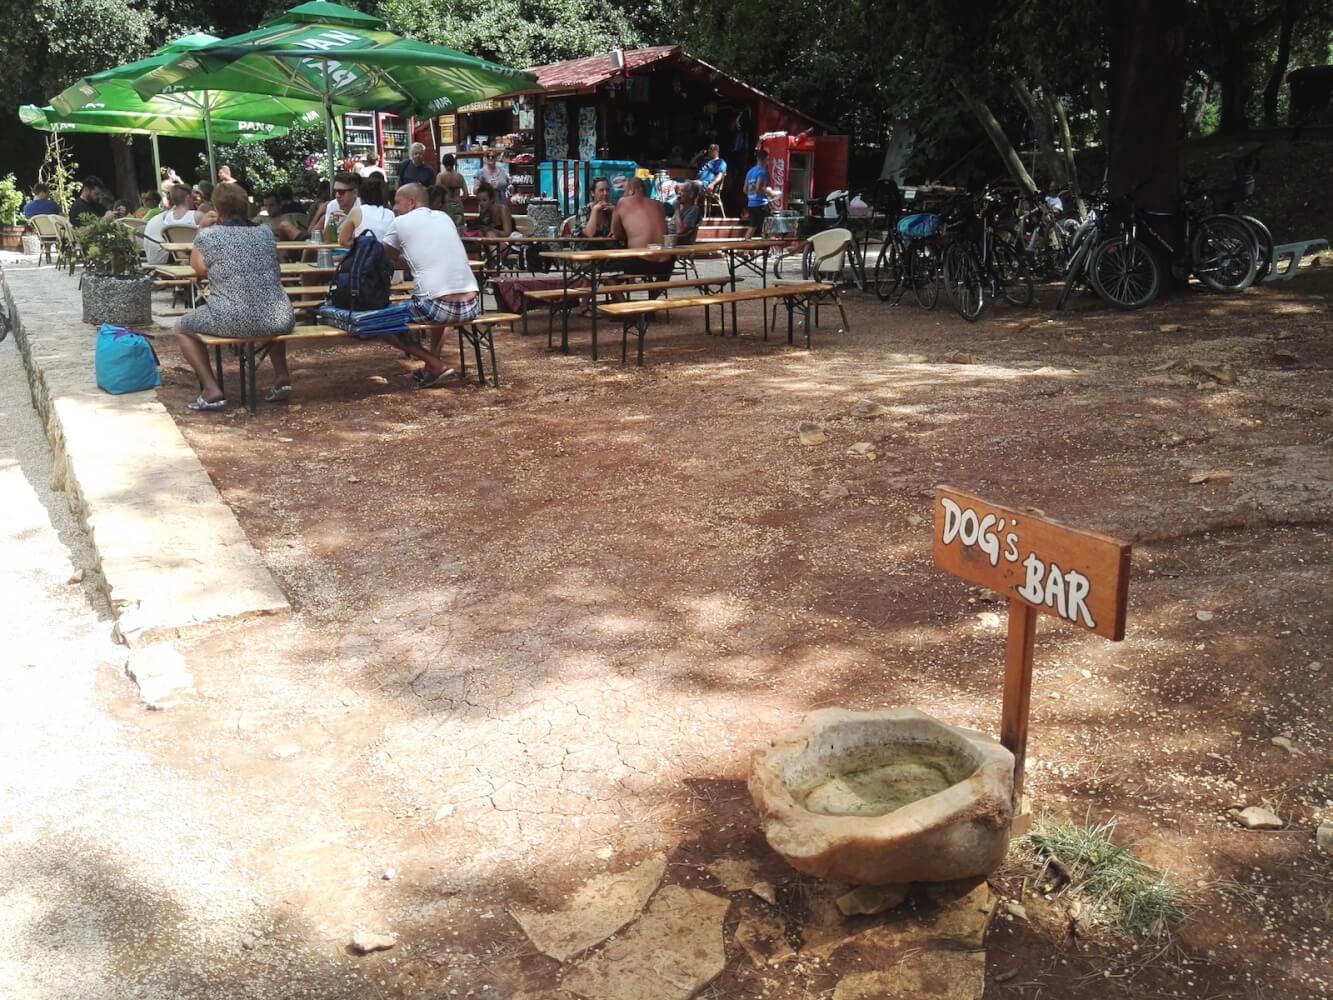 dog's bar lone bay rovinj